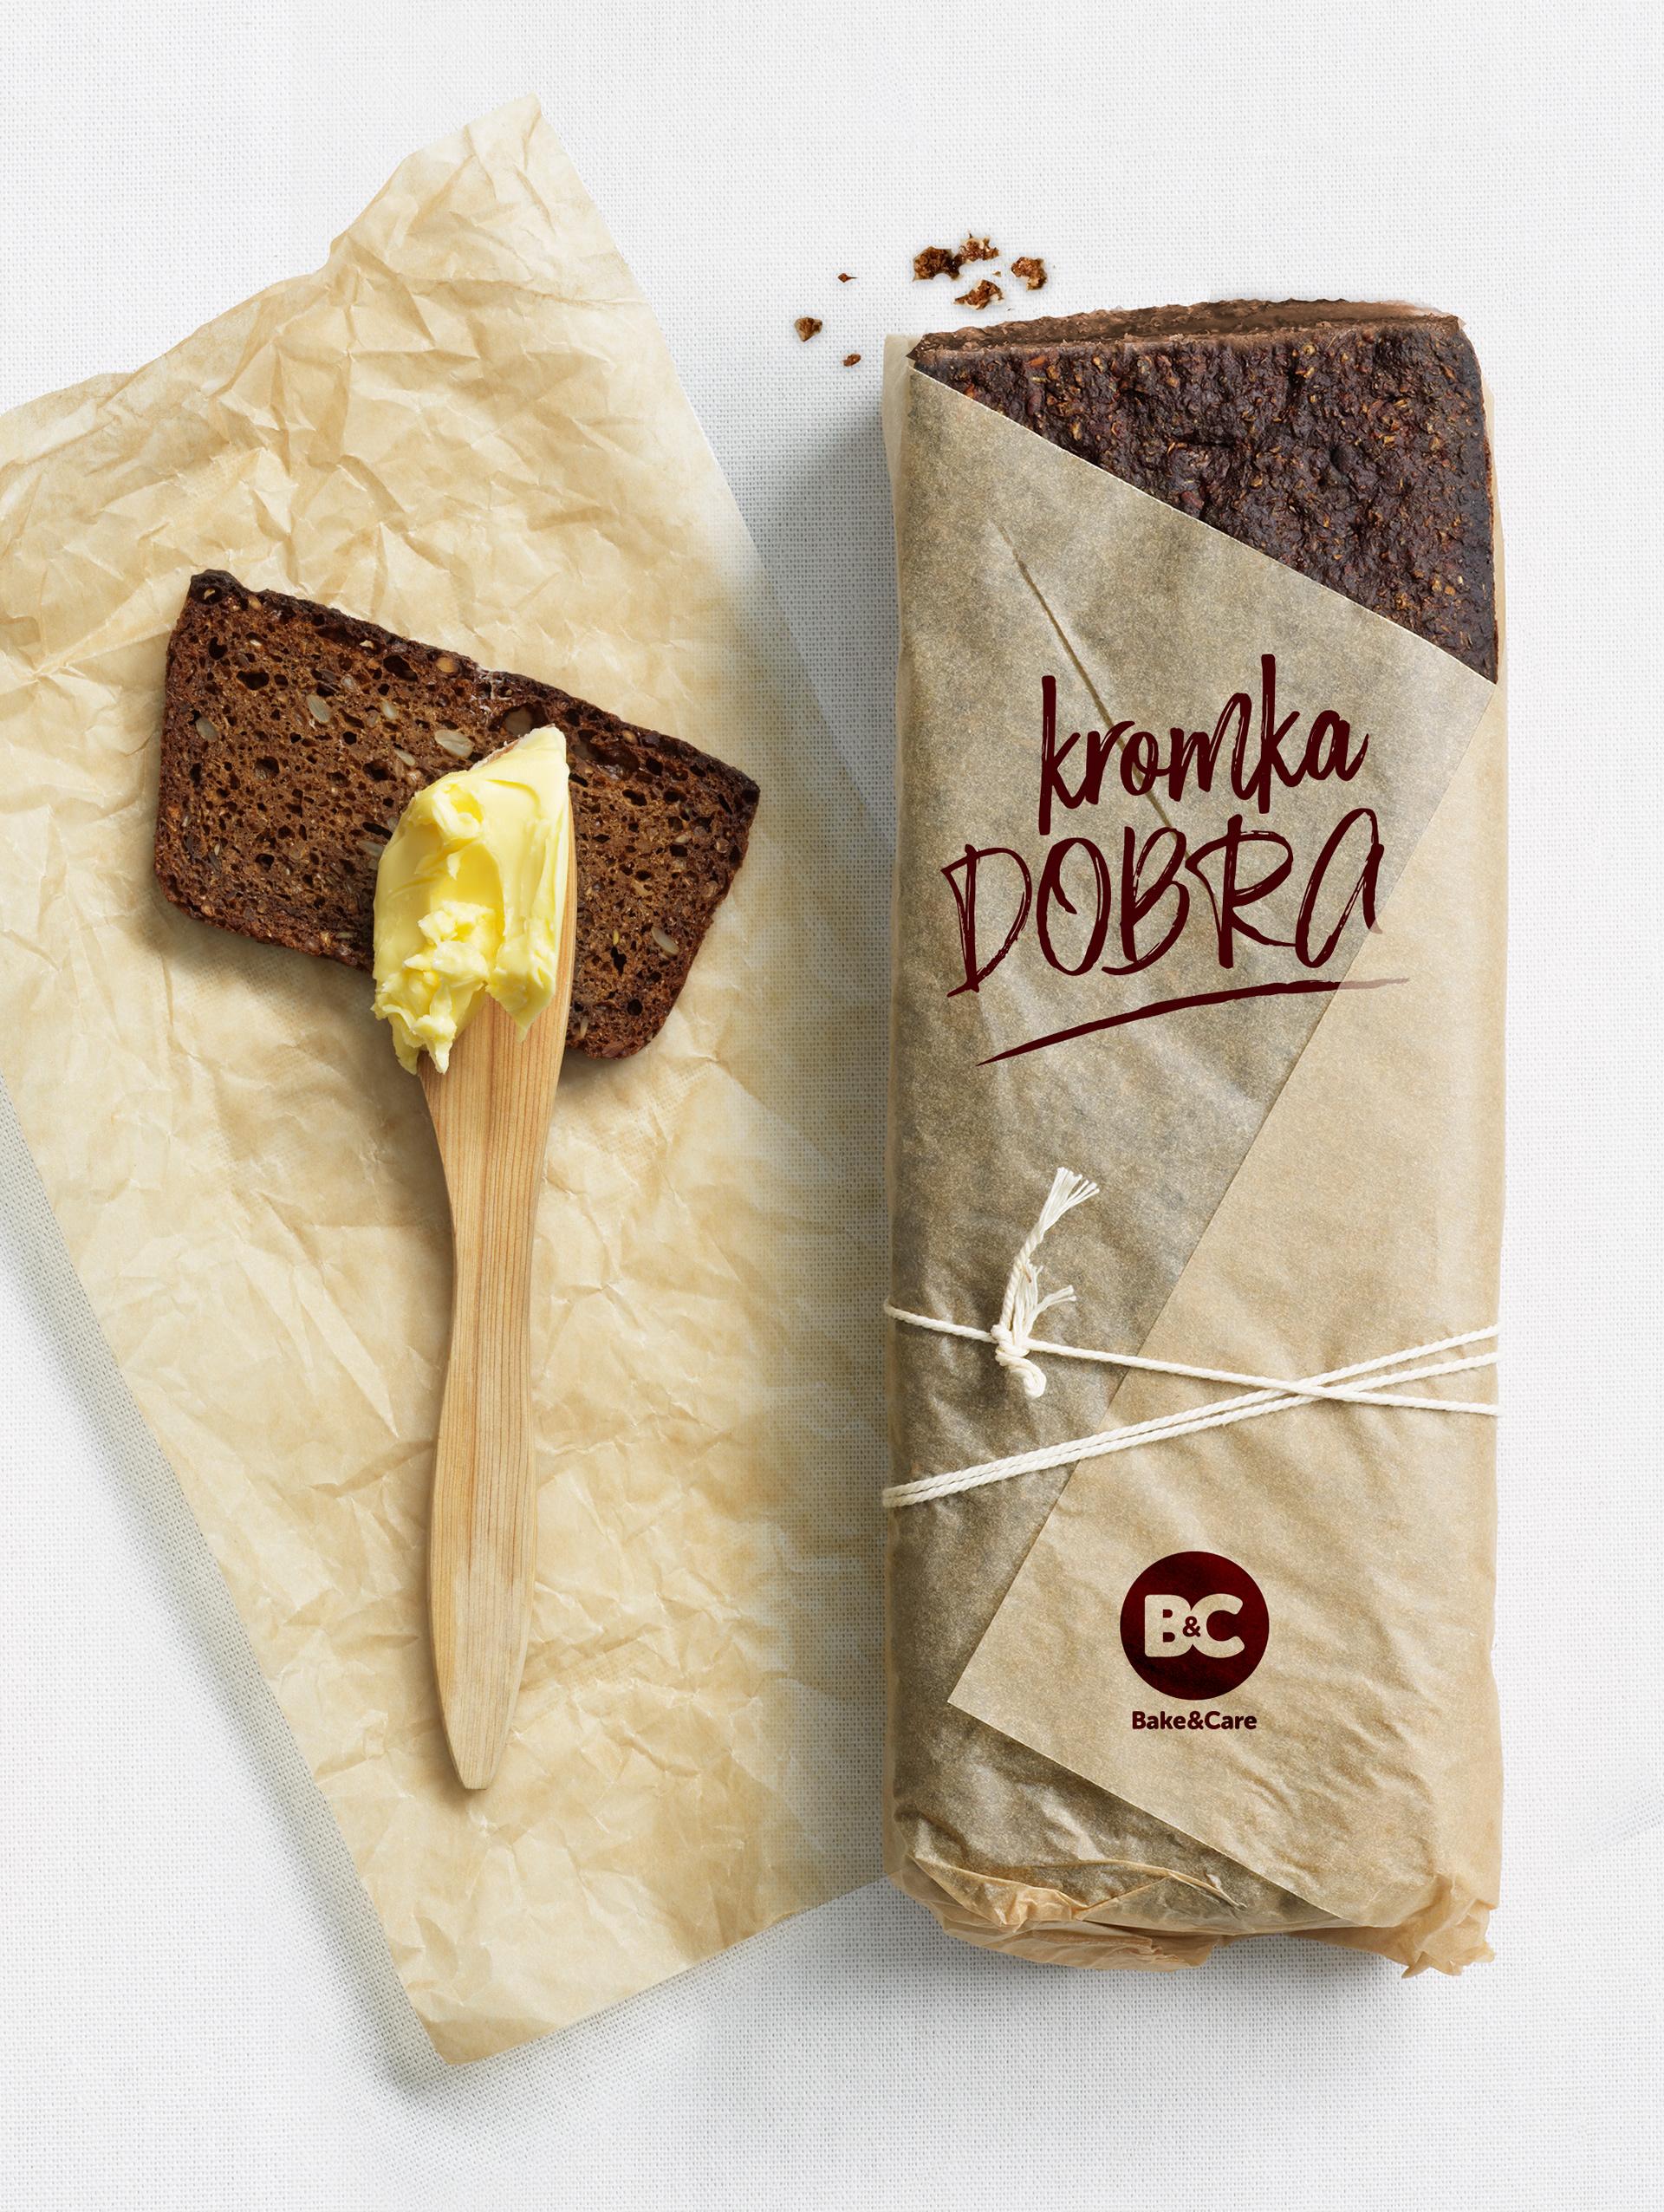 Bake&Care + Kromka Dobra